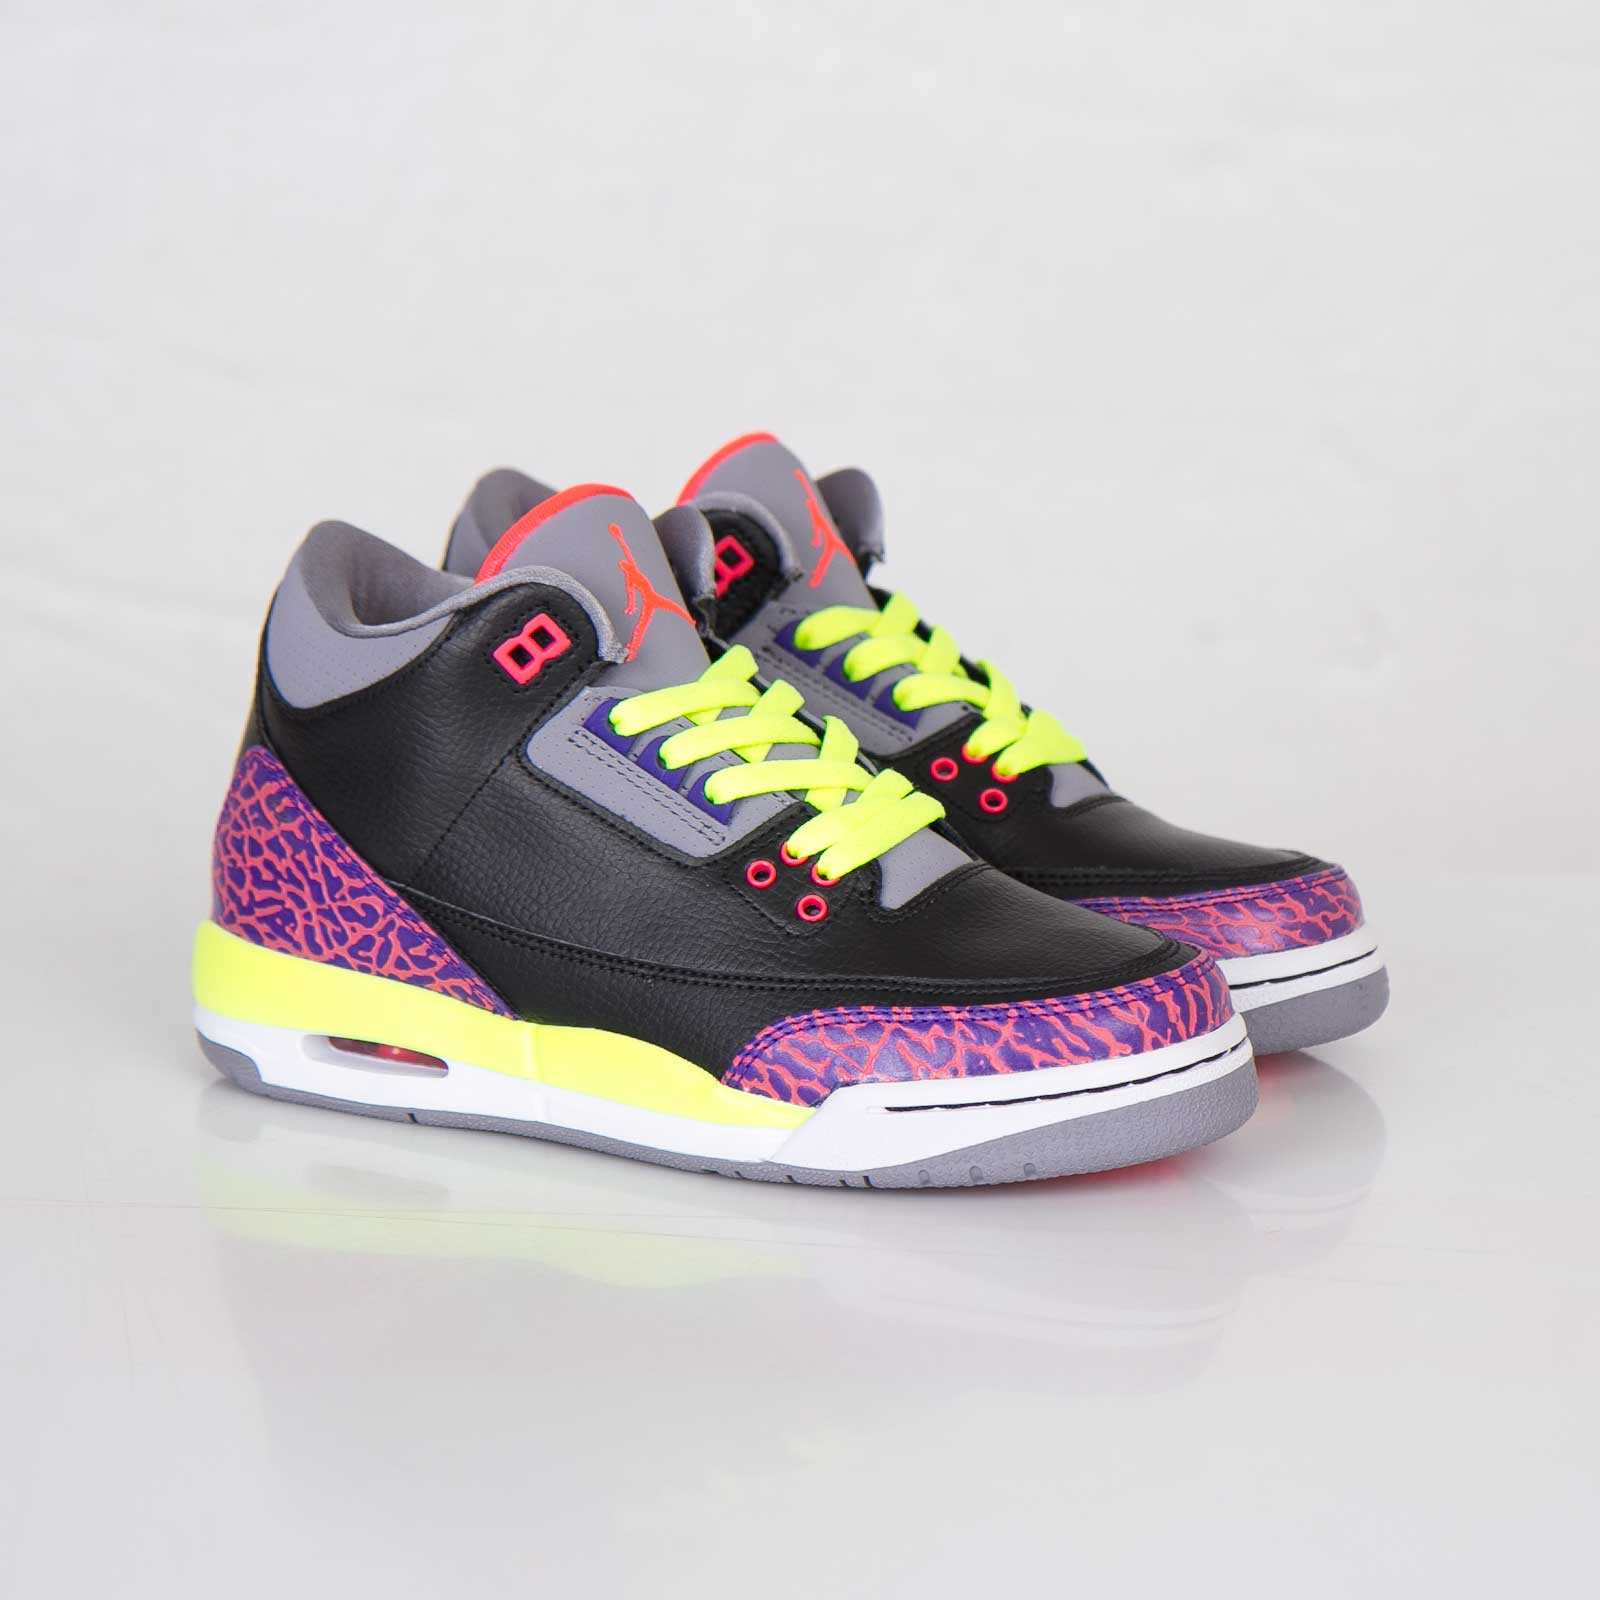 new product 88c1e 2de07 Jordan Brand Girls Air Jordan 3 Retro